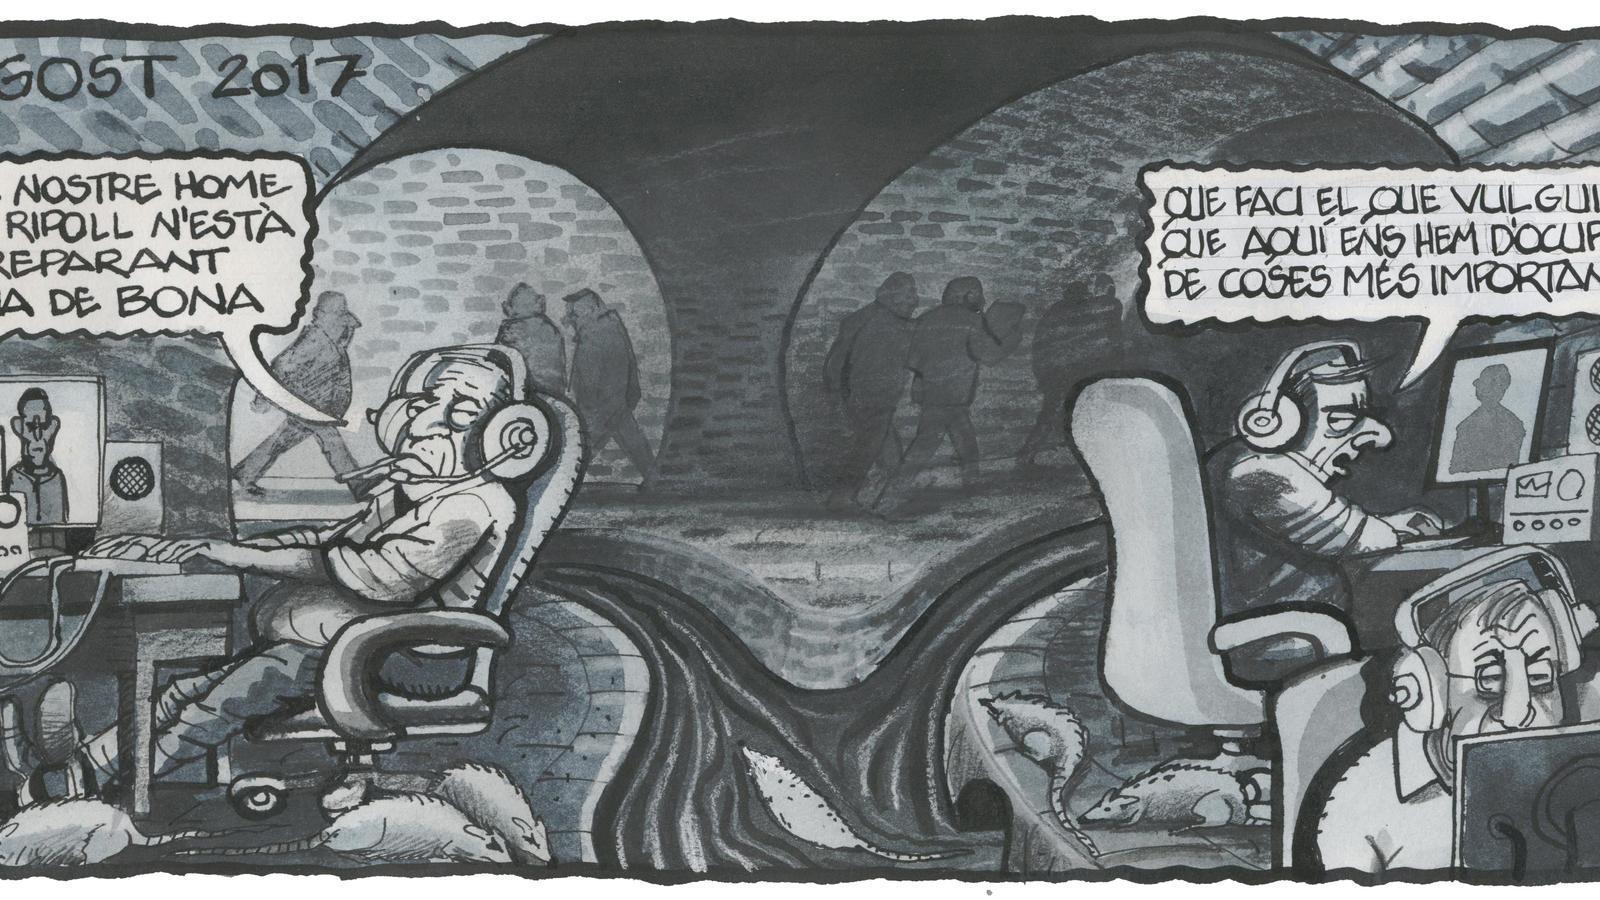 'A la contra', per Ferreres 20/07/2019